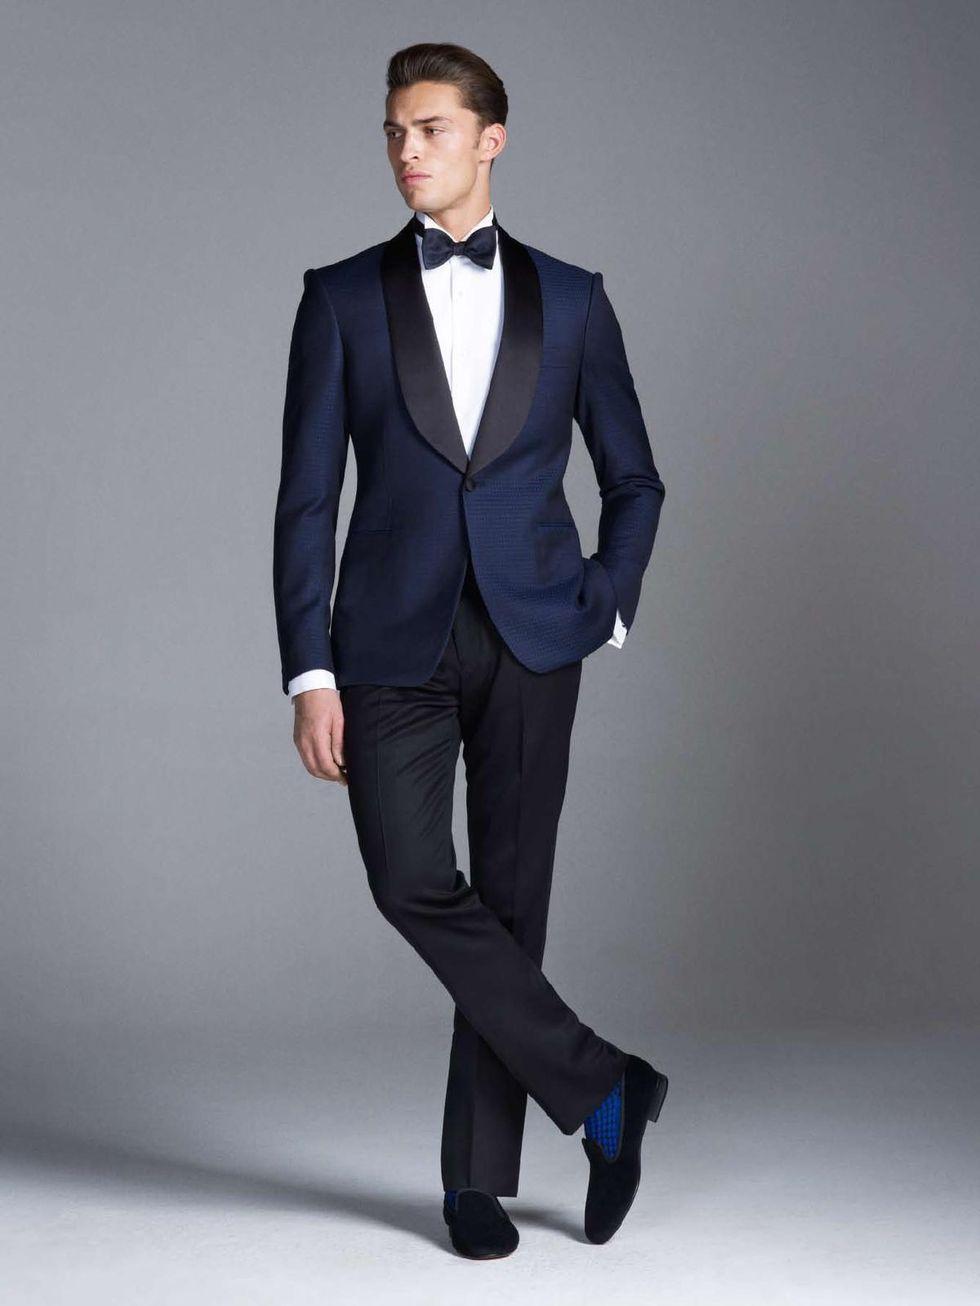 Mörkblå smoking är ett av de mest eleganta alternativ en man kan bära. Här  med Sjalslag från brittiska Gieves   Hawkes. 5bd12ce9dc726